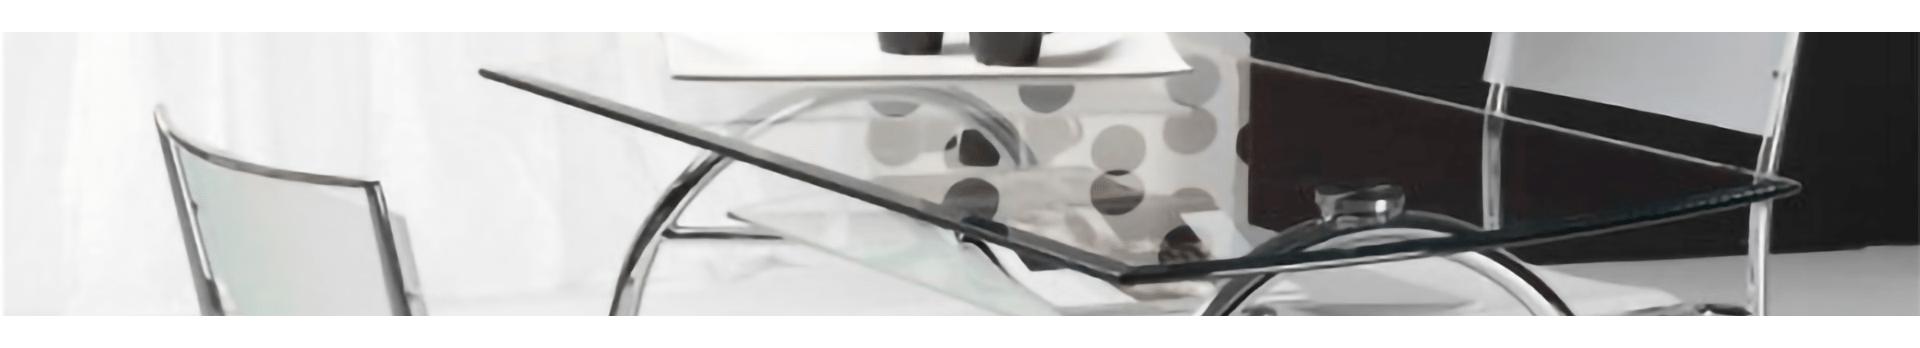 Mesas de Cocina | Mesas Extensibles y Plegables | Mobelfy ®